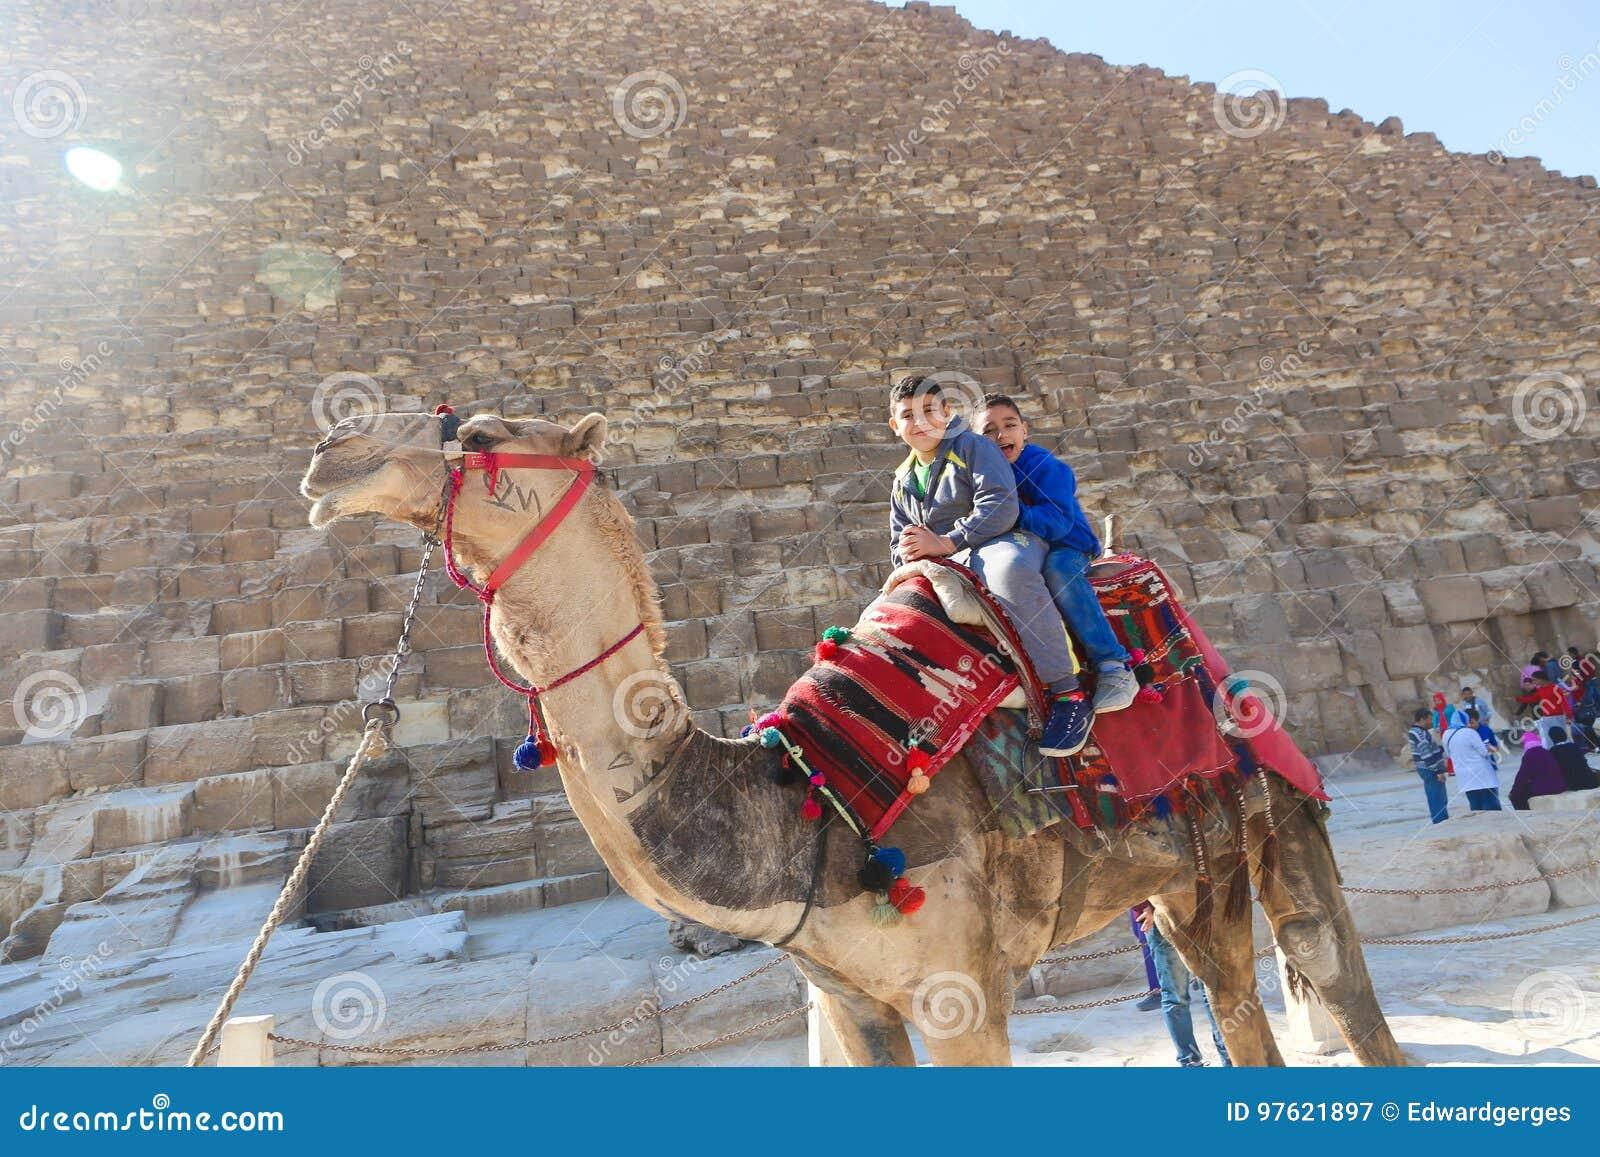 Dzieciaki na wielbłądzie w Giza ostrosłupach